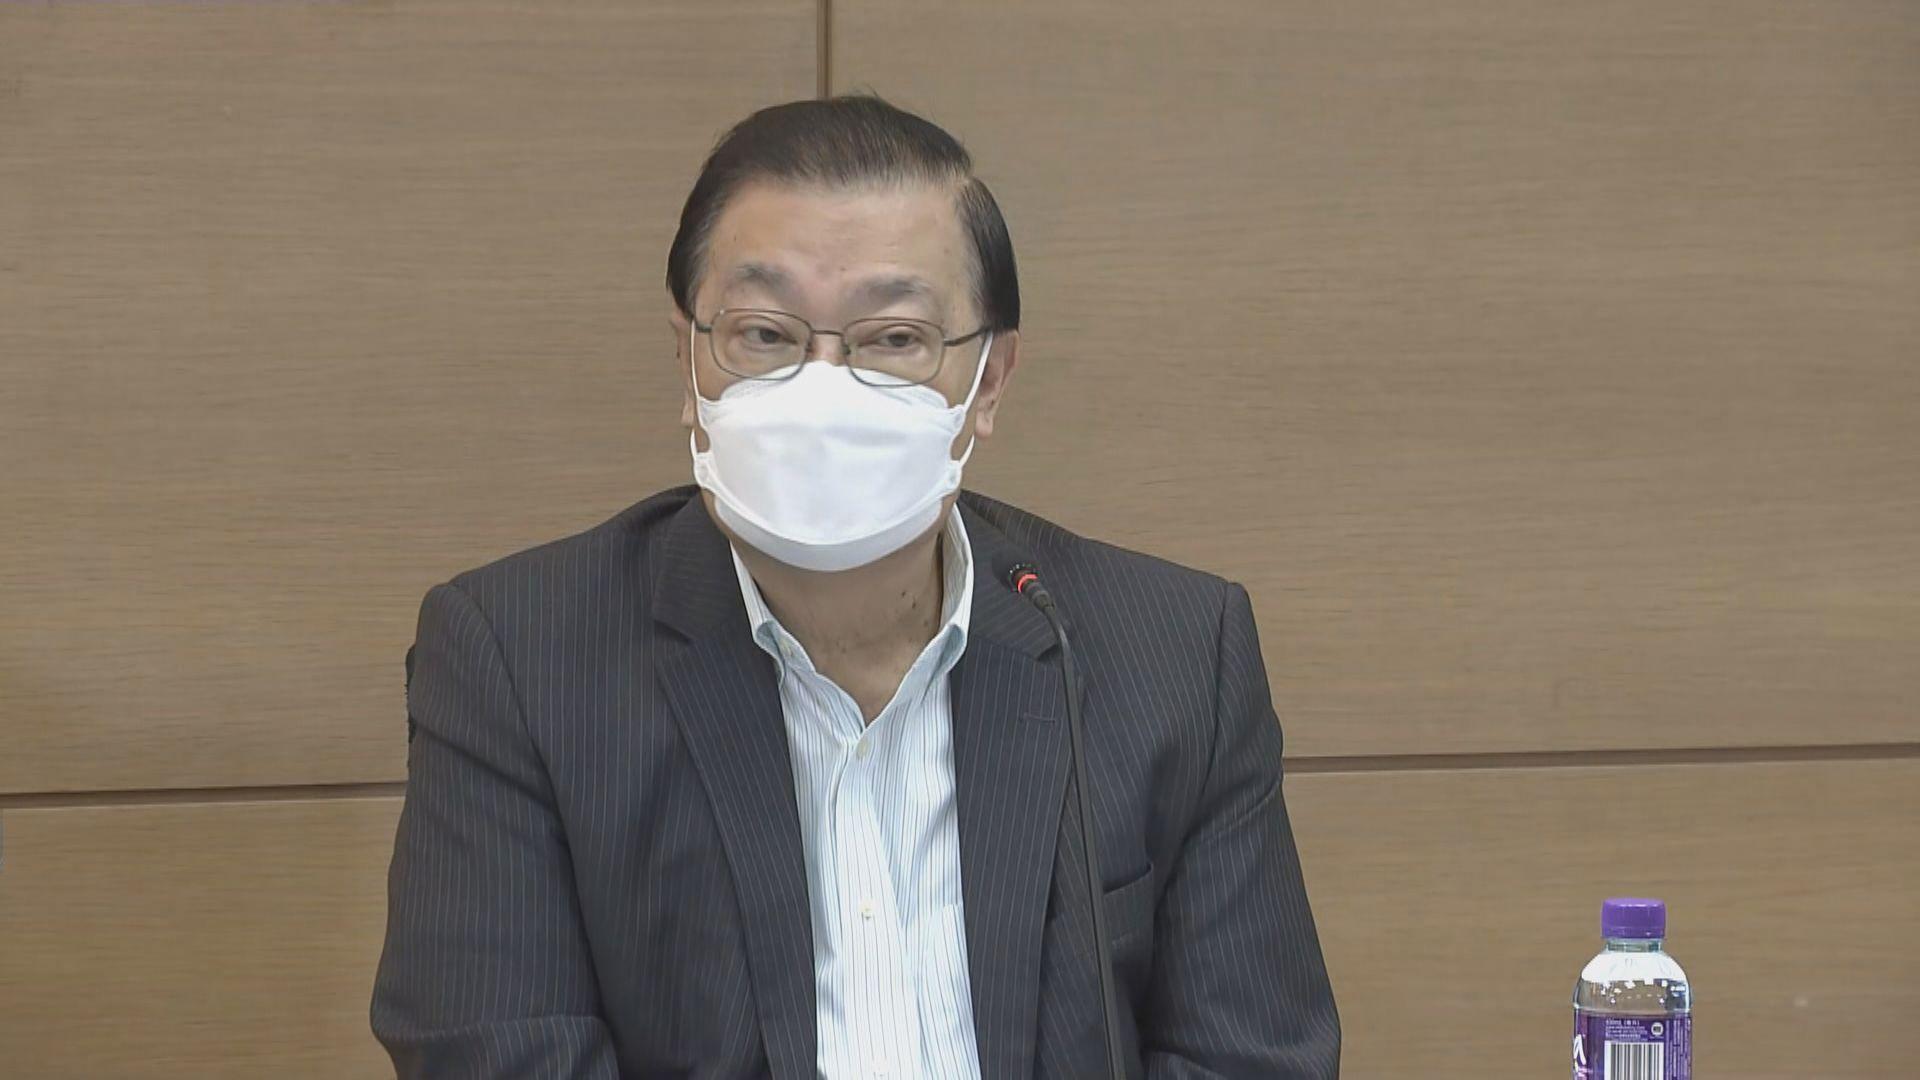 譚耀宗指資格審查委員會成員不應參加選舉